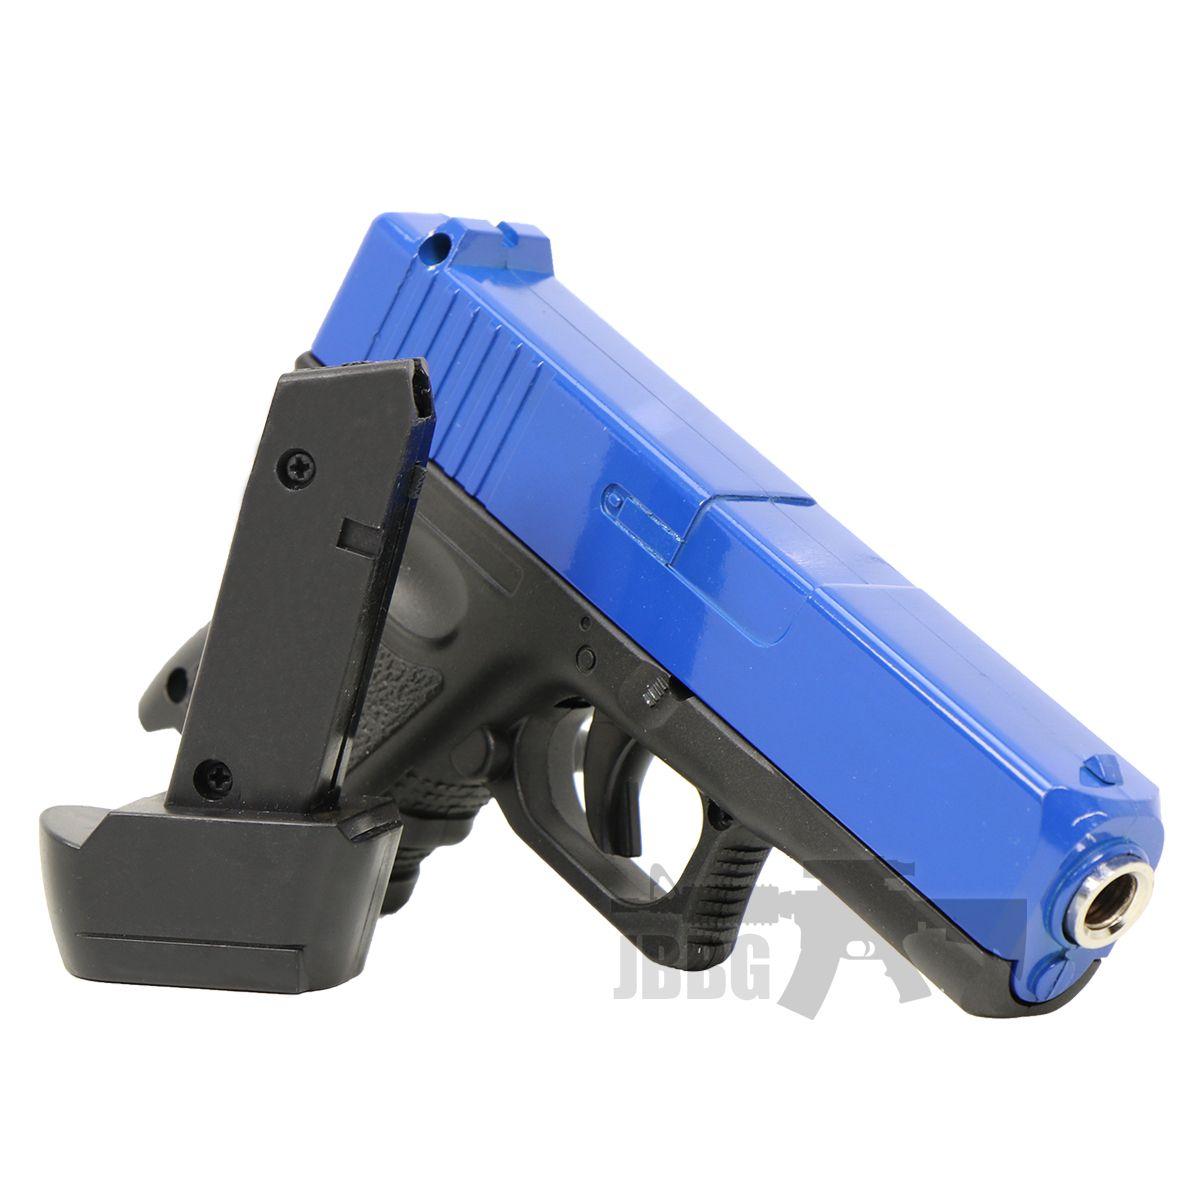 pistol galaxy qq2